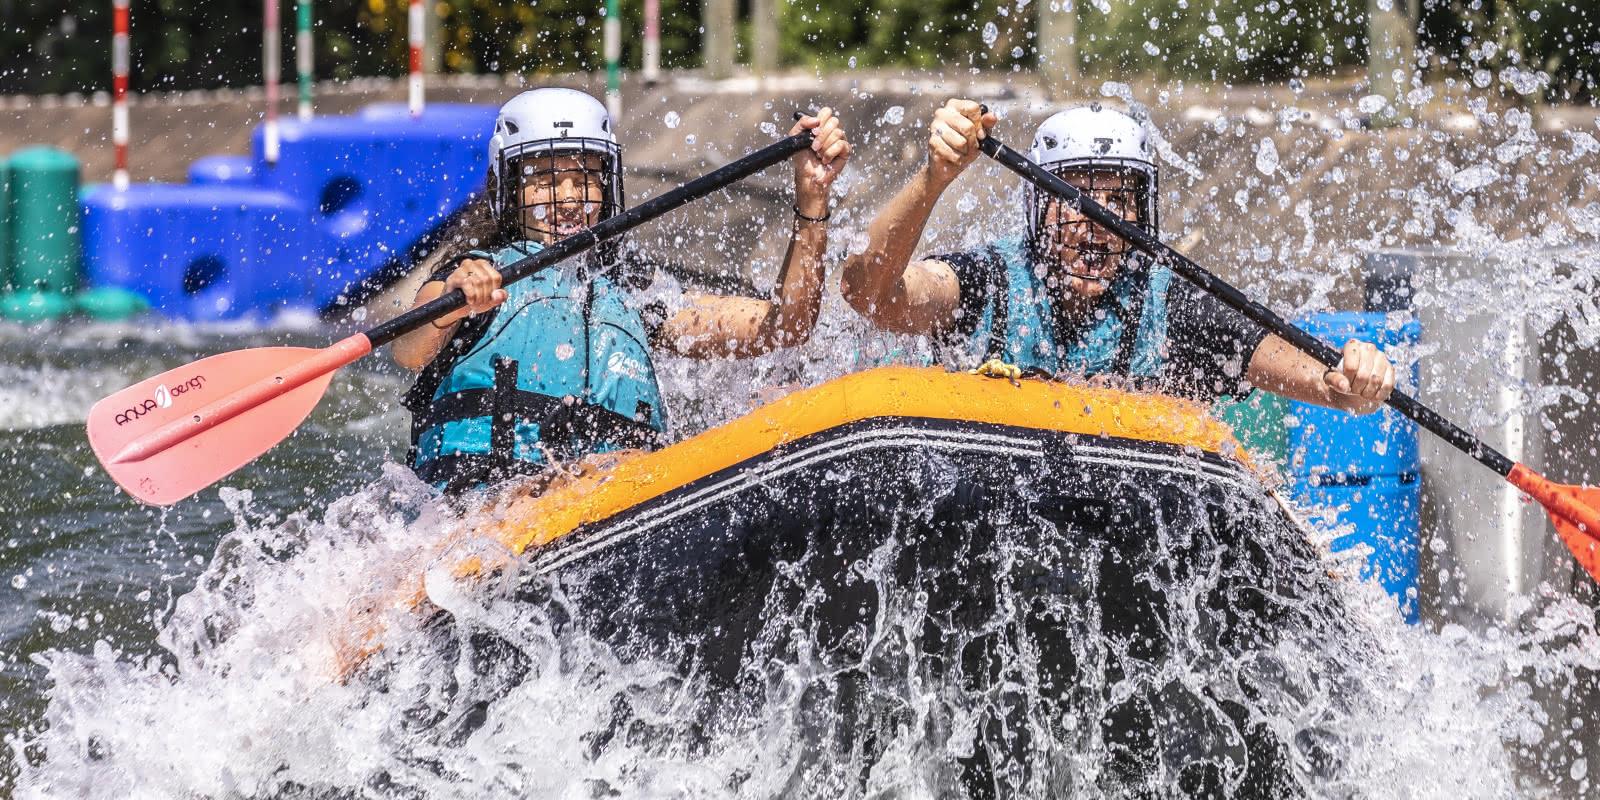 Rafting sur la rivière d'Eaux Vives à Cergy